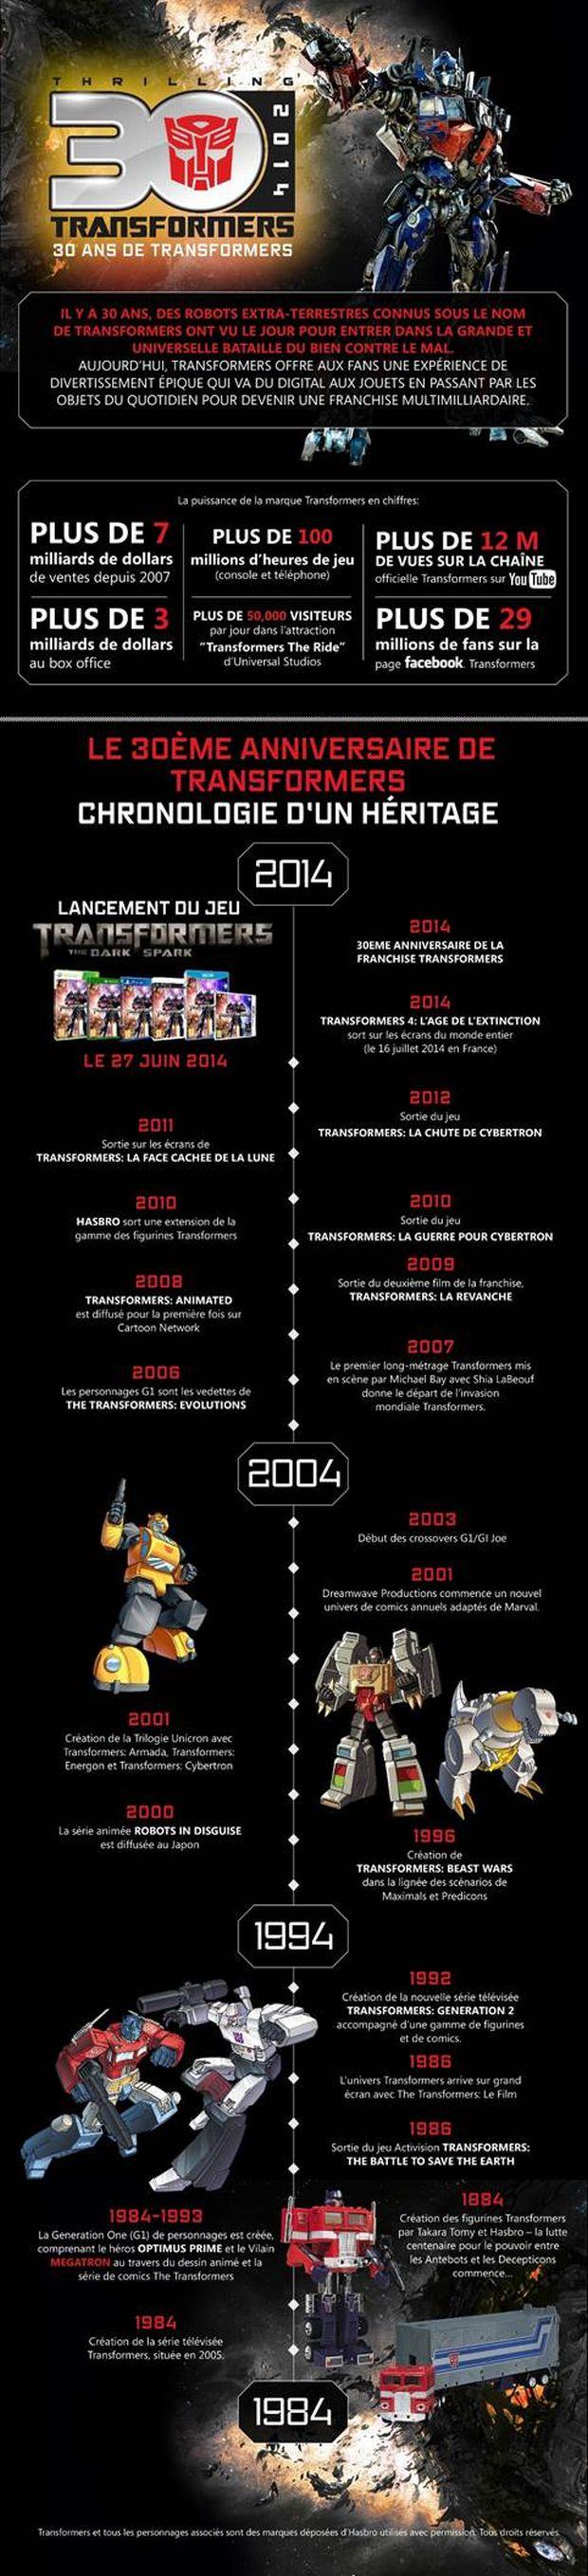 Chronologie des séries et films Transformers - Page 2 Transformers-infographie-videogame